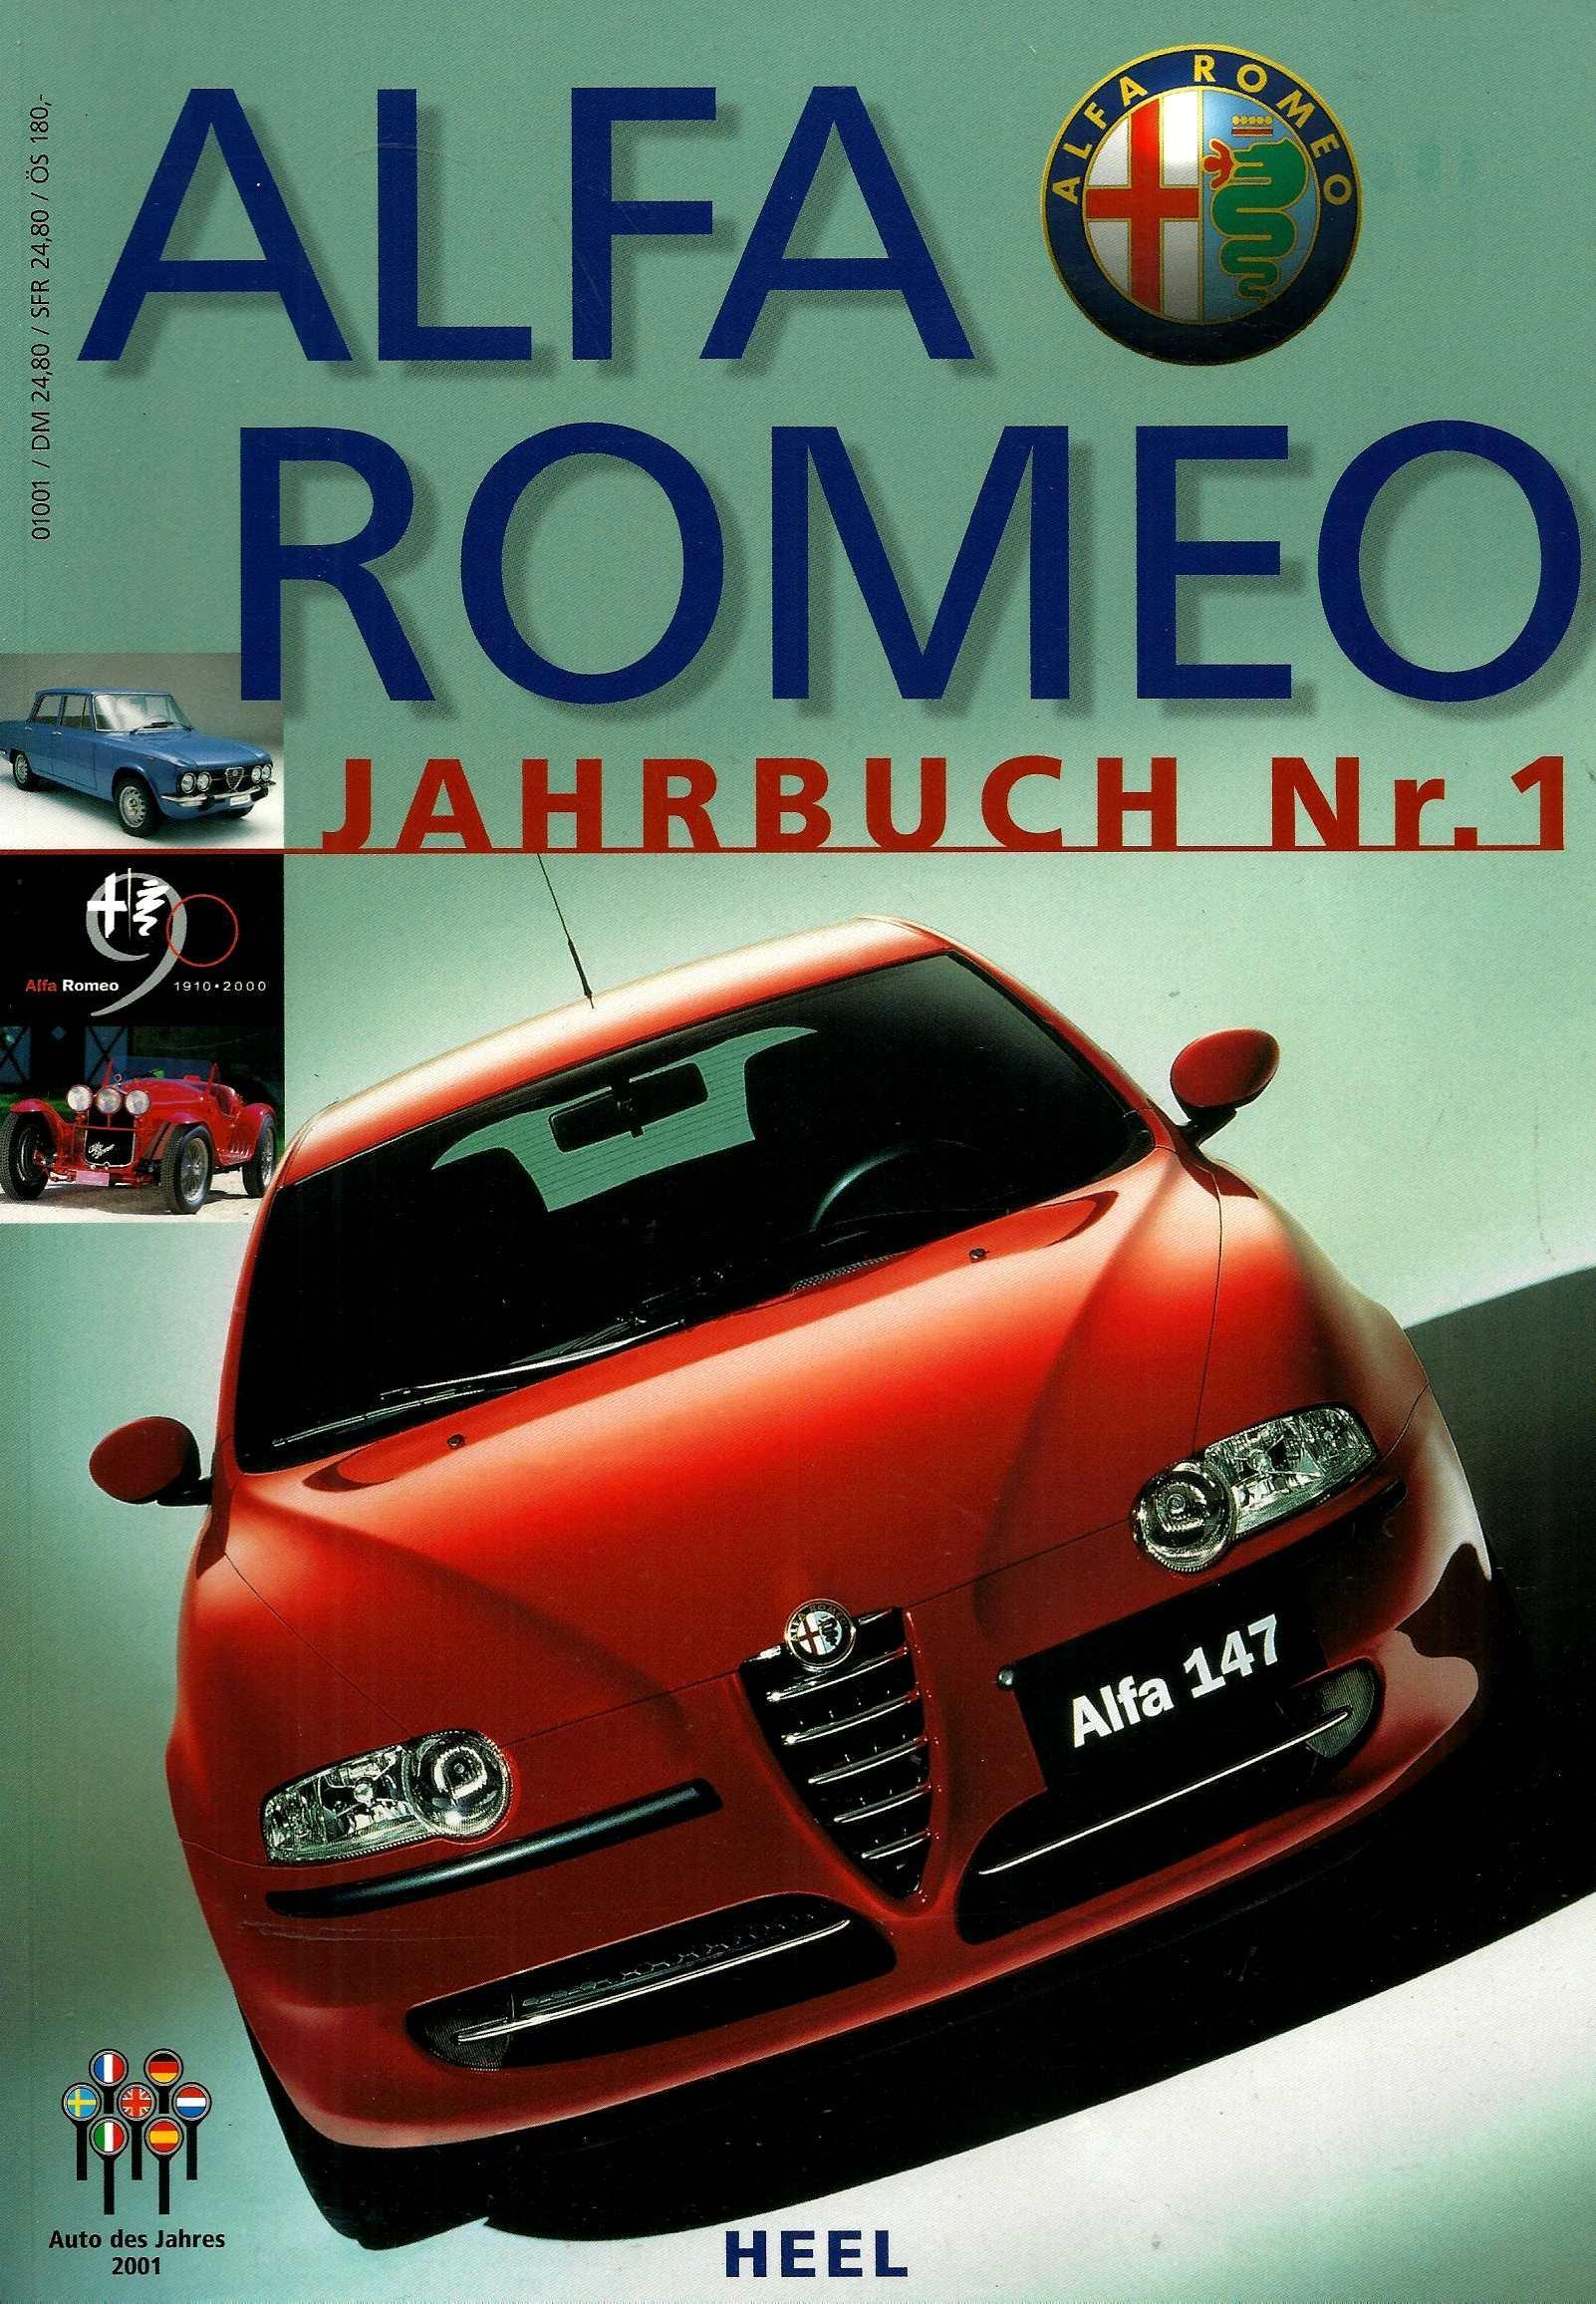 Alfa Romeo Jahrbuch Nr 1